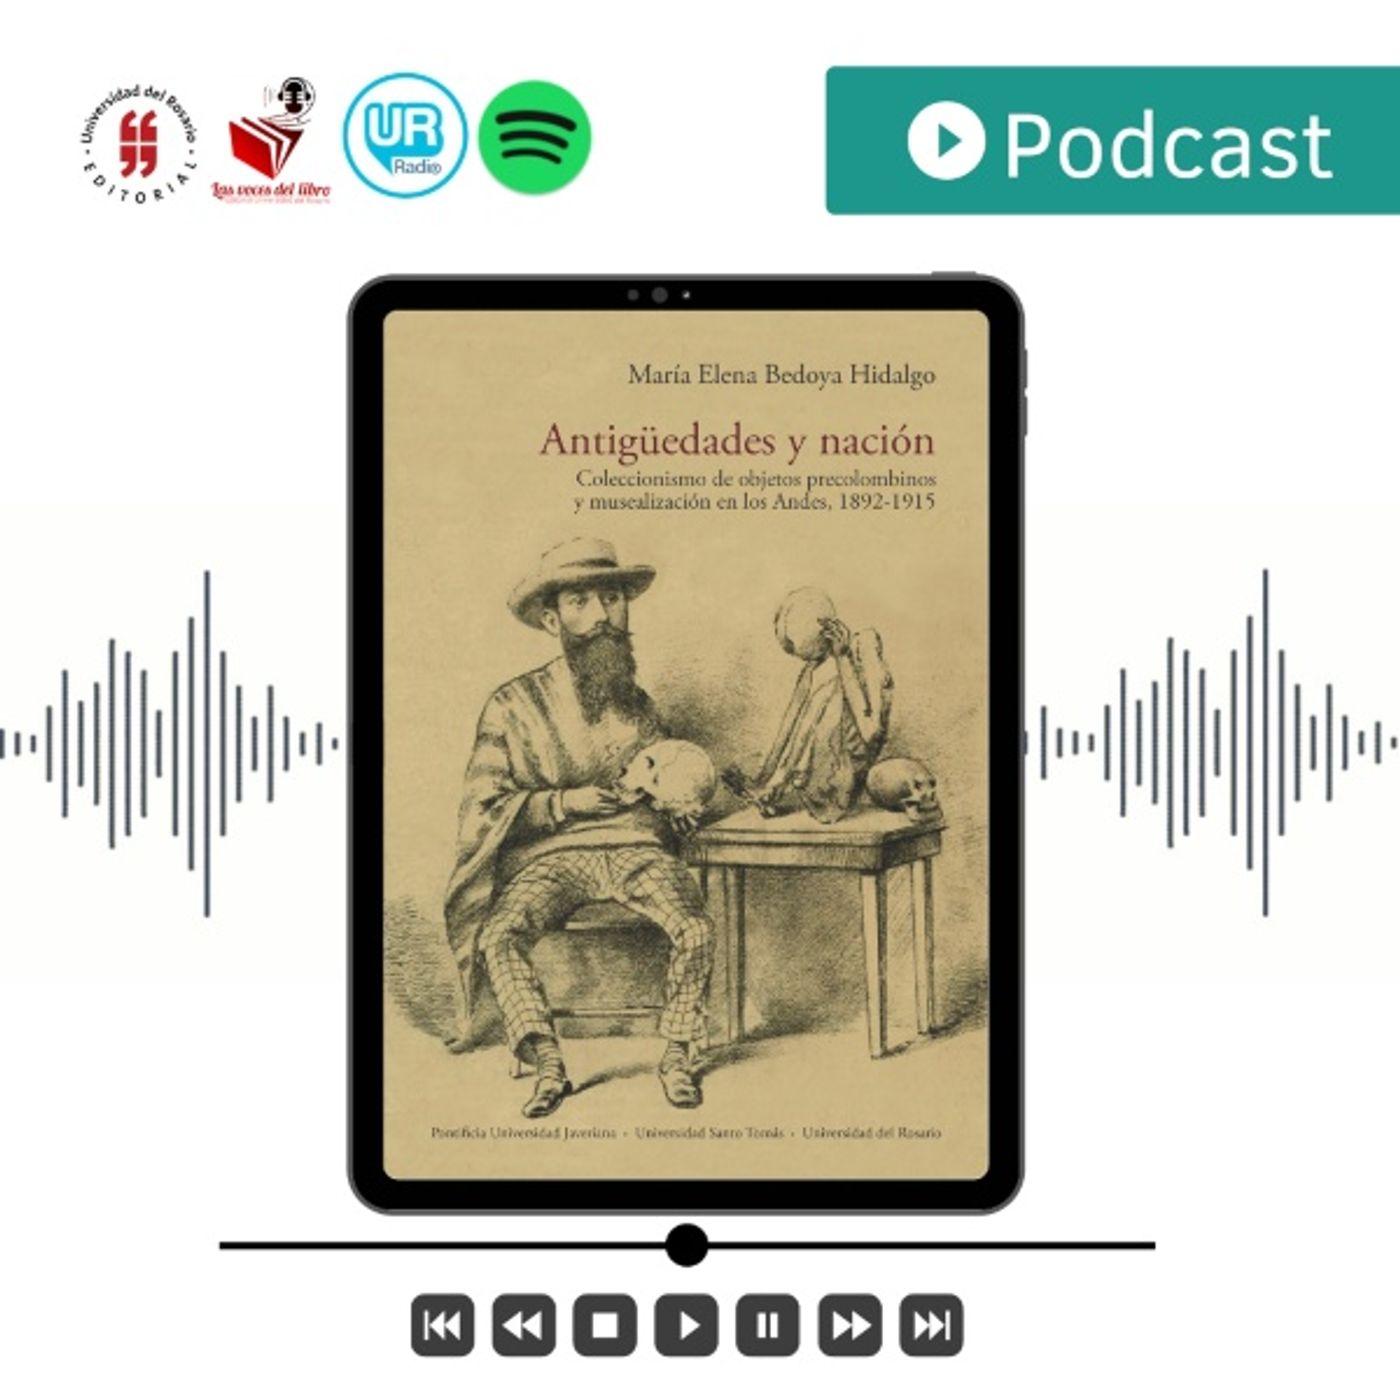 Antigüedades y nación. Coleccionismo de objetos precolombinos y musealización de los Andes, 1892-1915